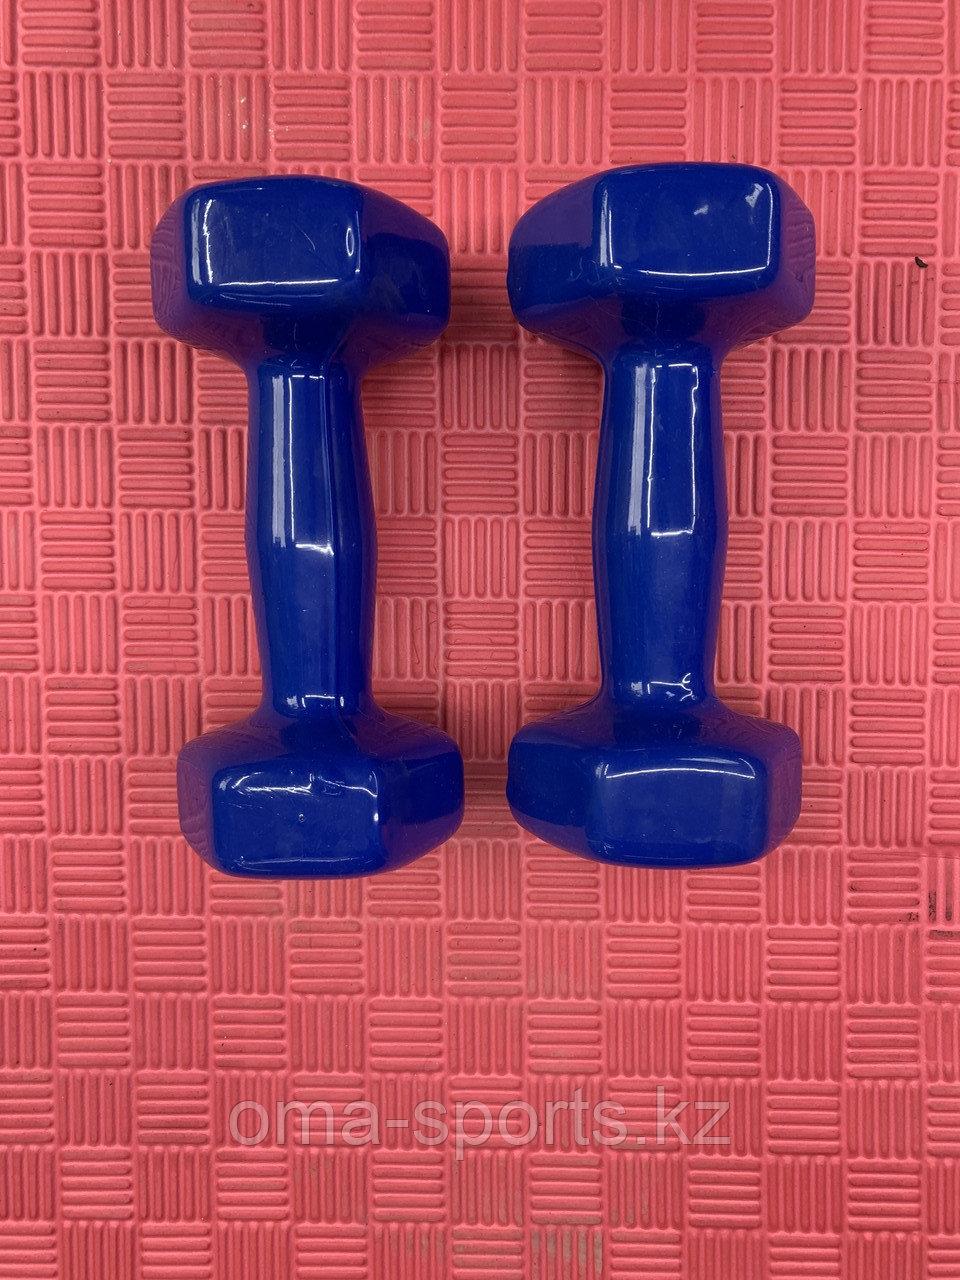 Гантели резиновые 3 кг - фото 2